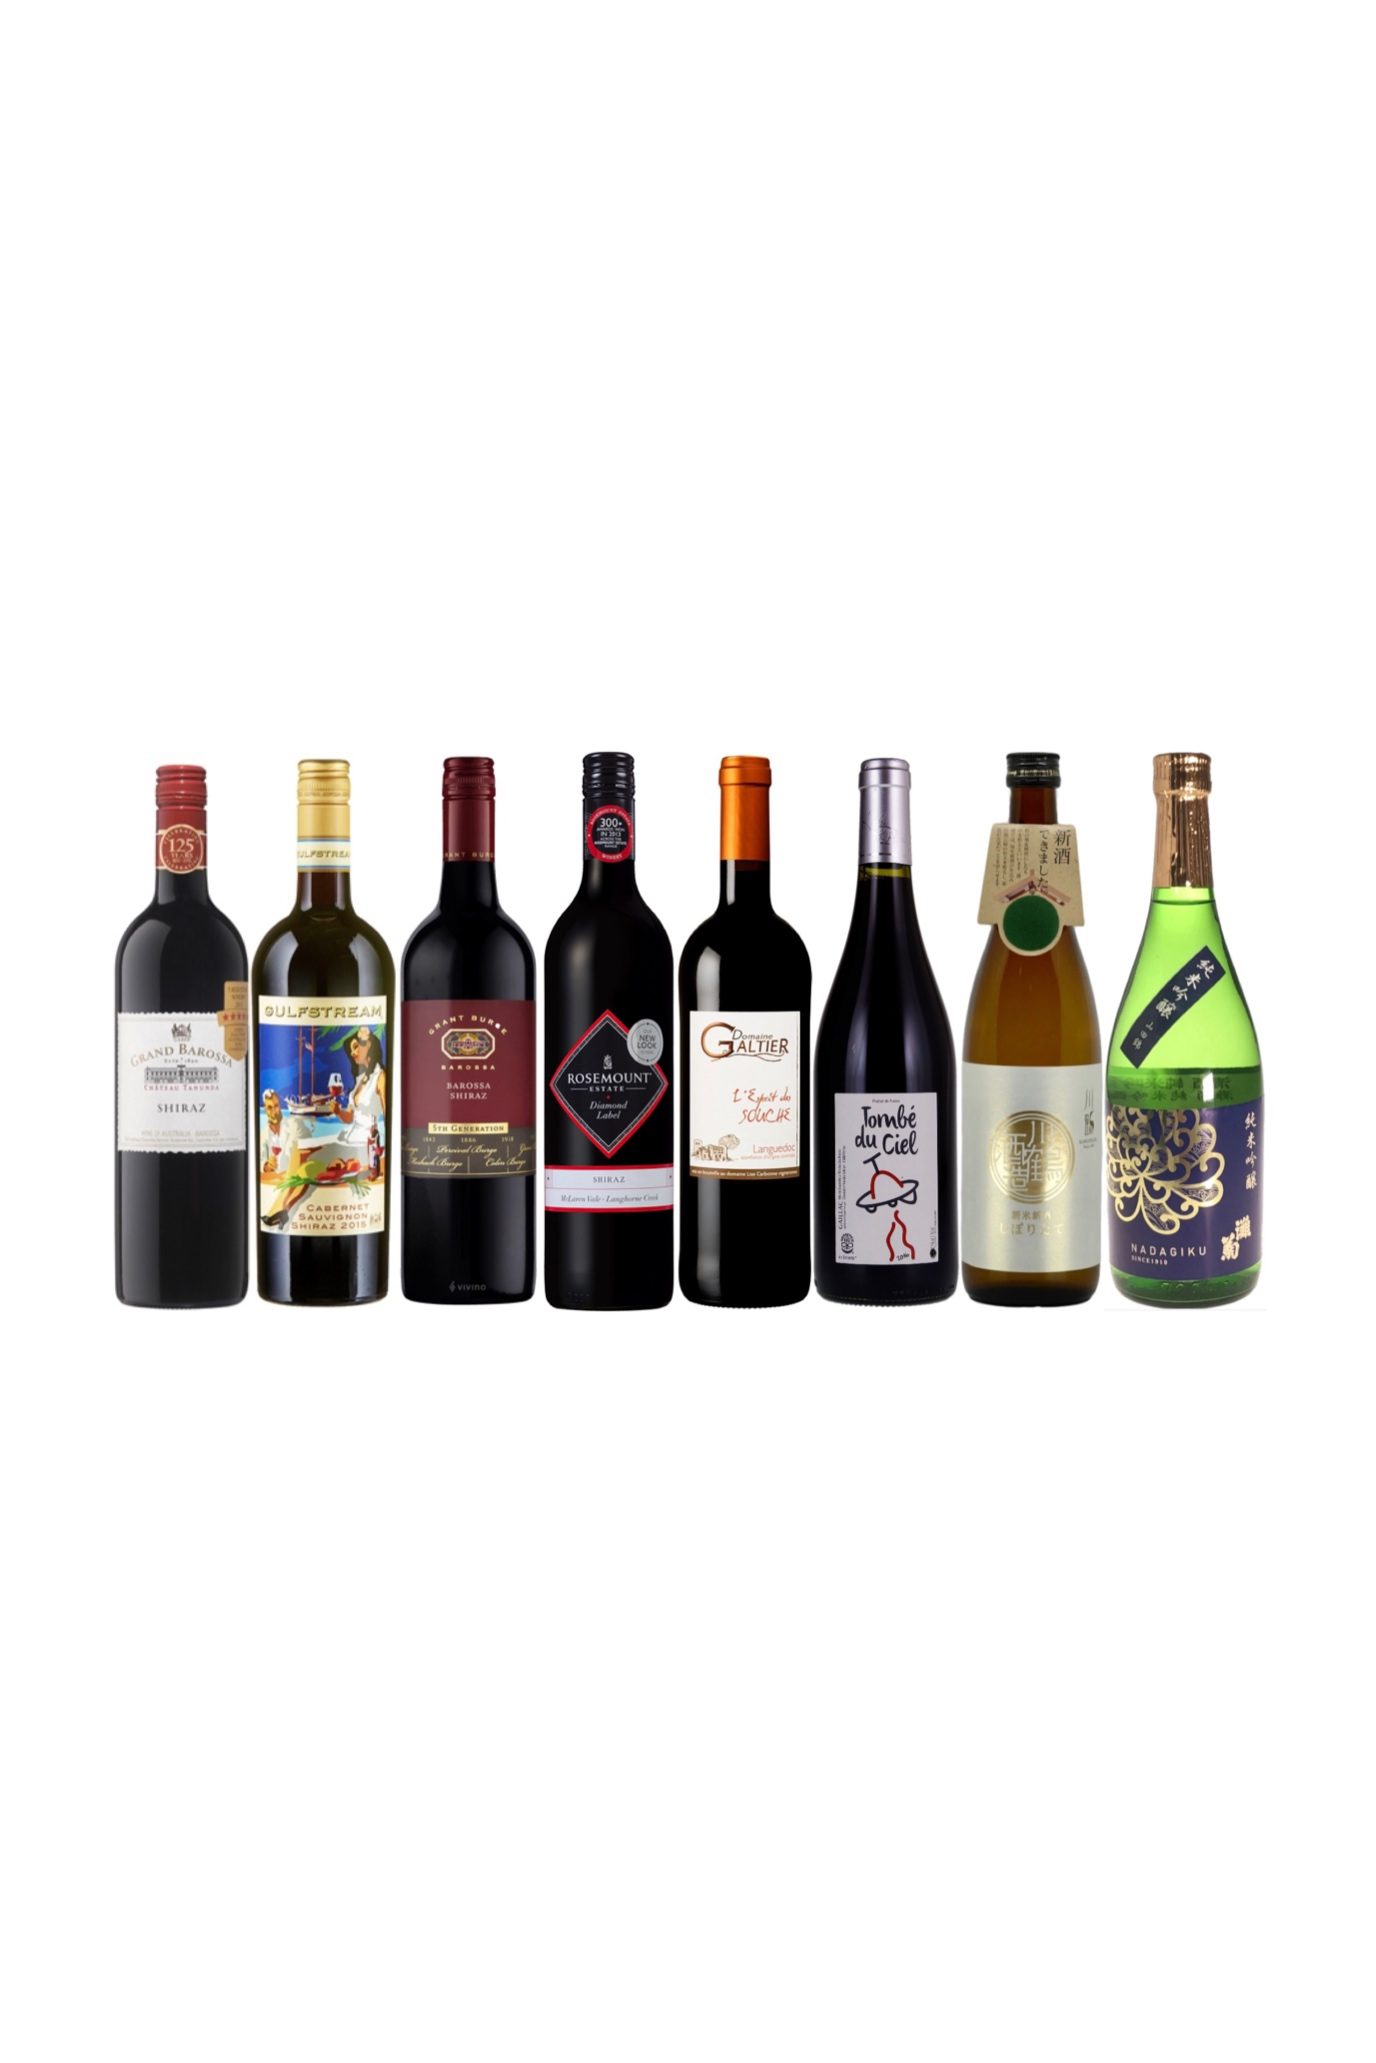 Aussie Sake Bundle Get 2 free French wine